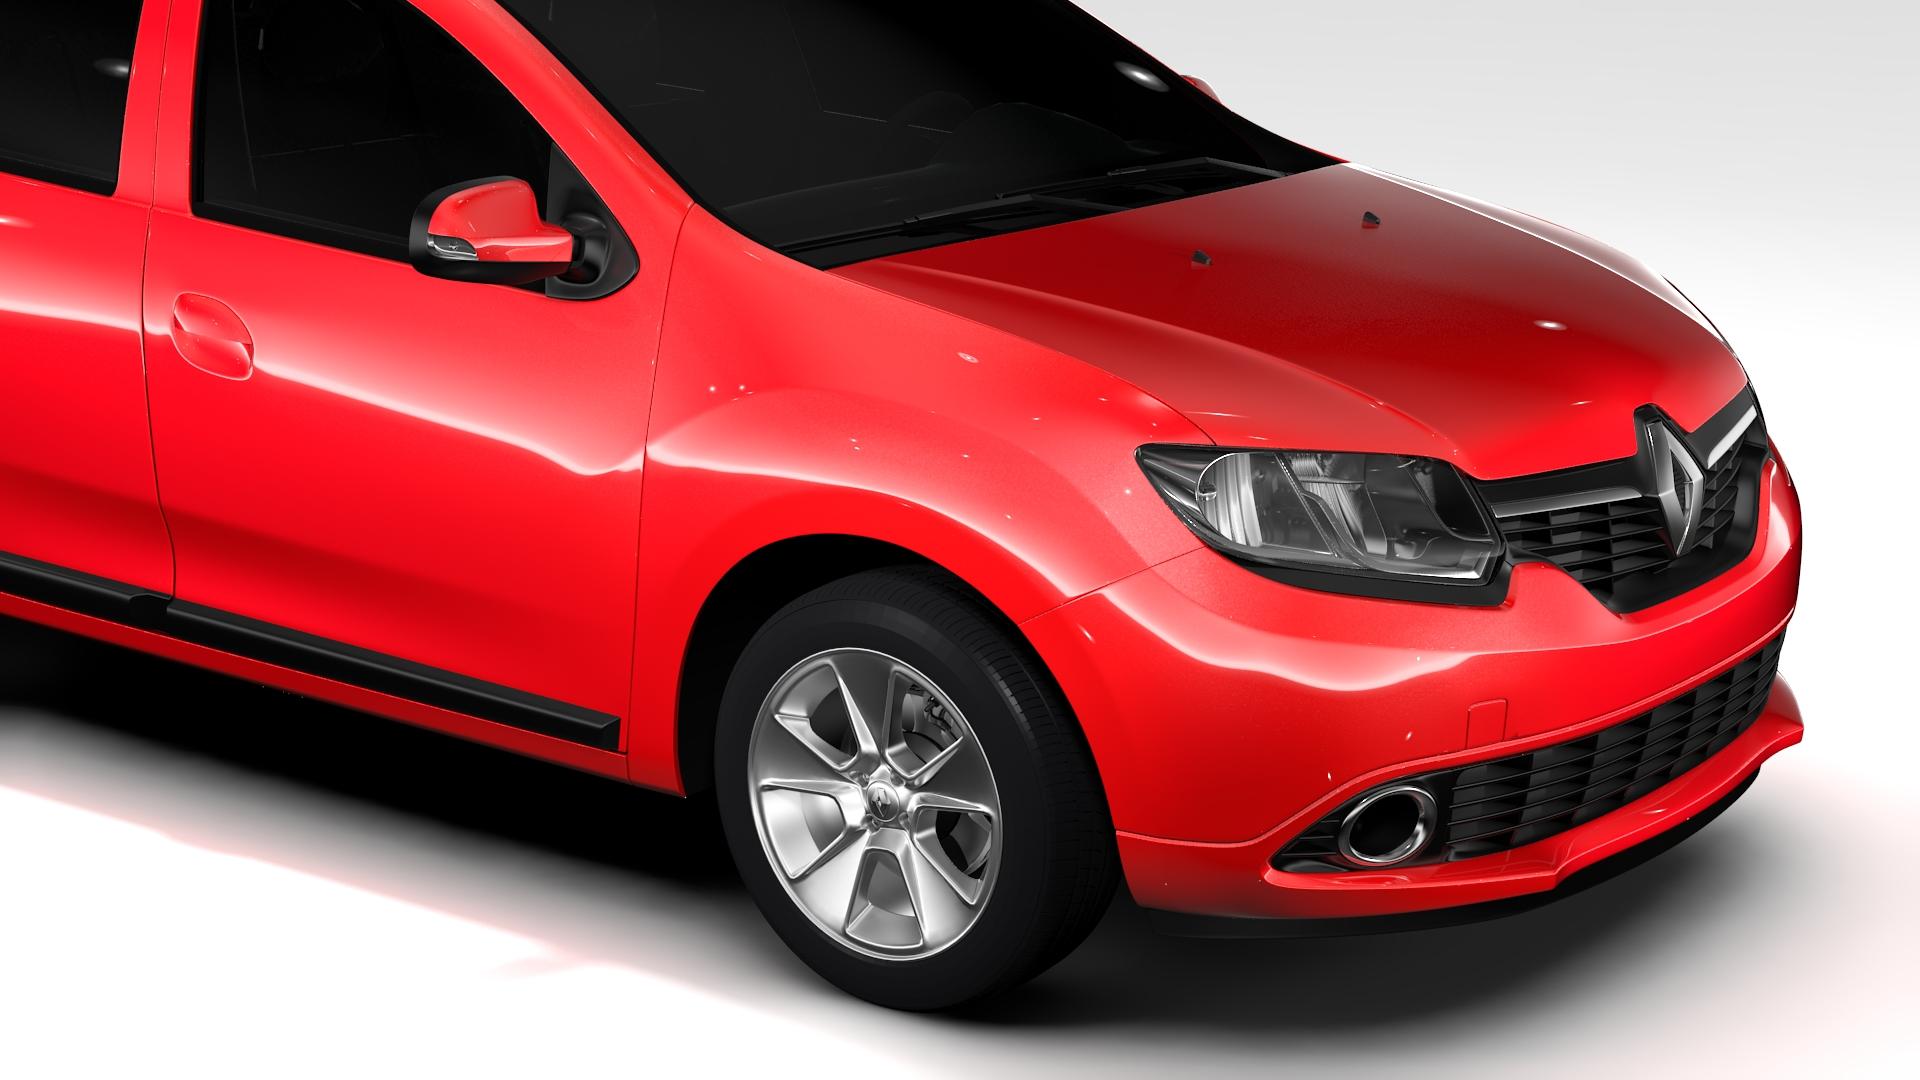 renault logan mcv taxi 2016 3d model 3ds max fbx c4d lwo ma mb hrc xsi obj 221282